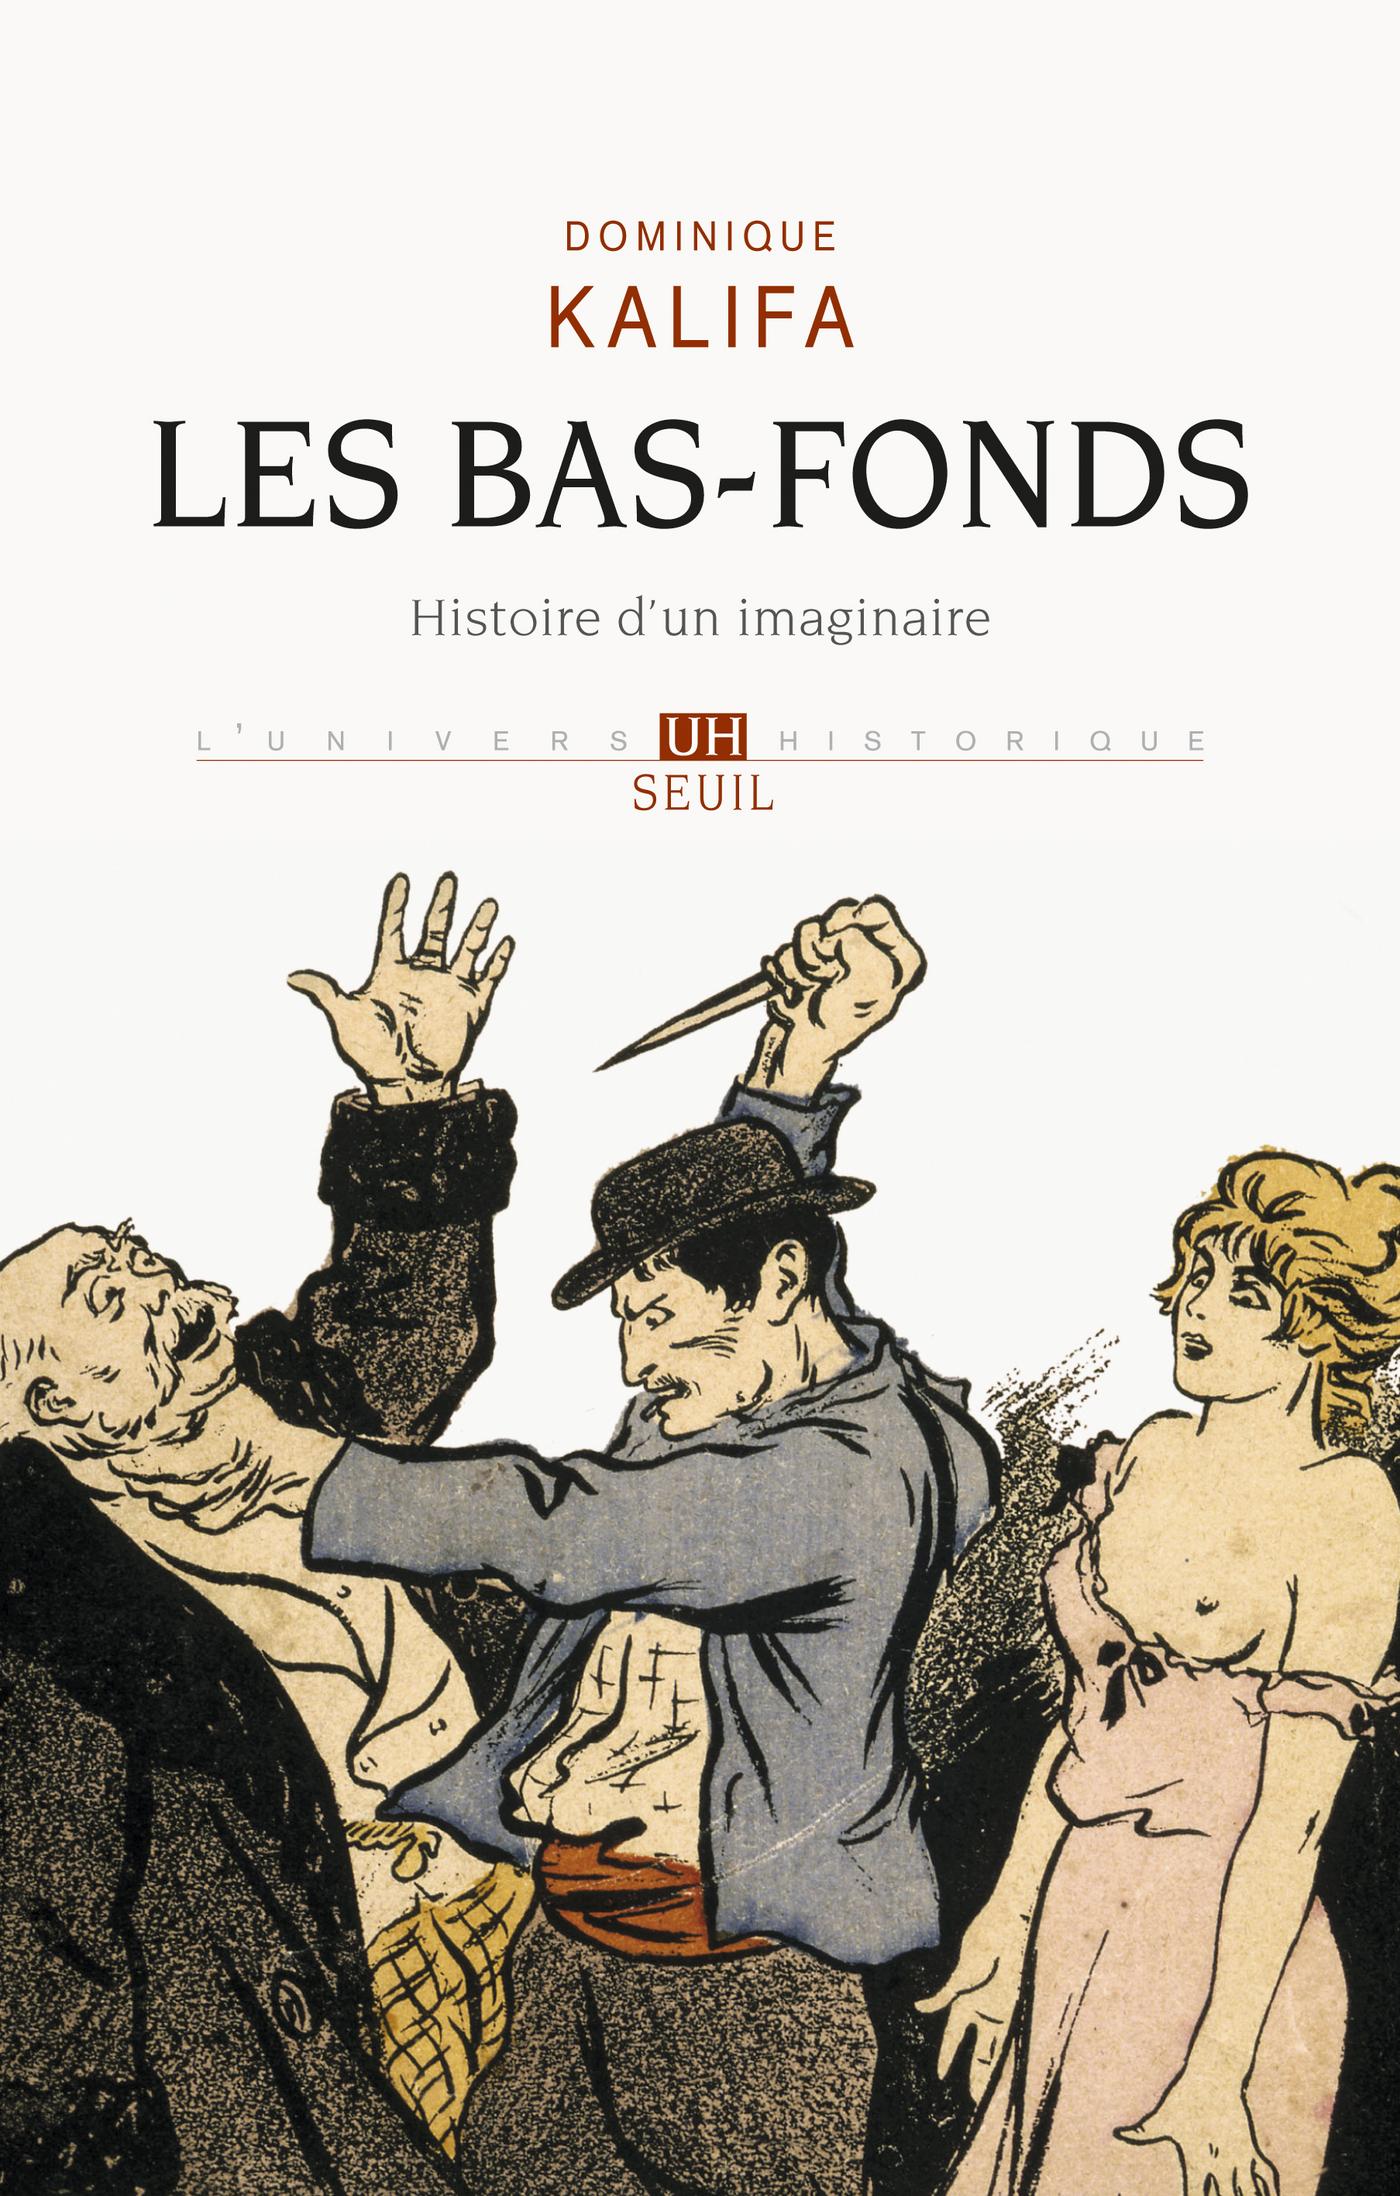 Les Bas-fonds. Histoire d'un imaginaire